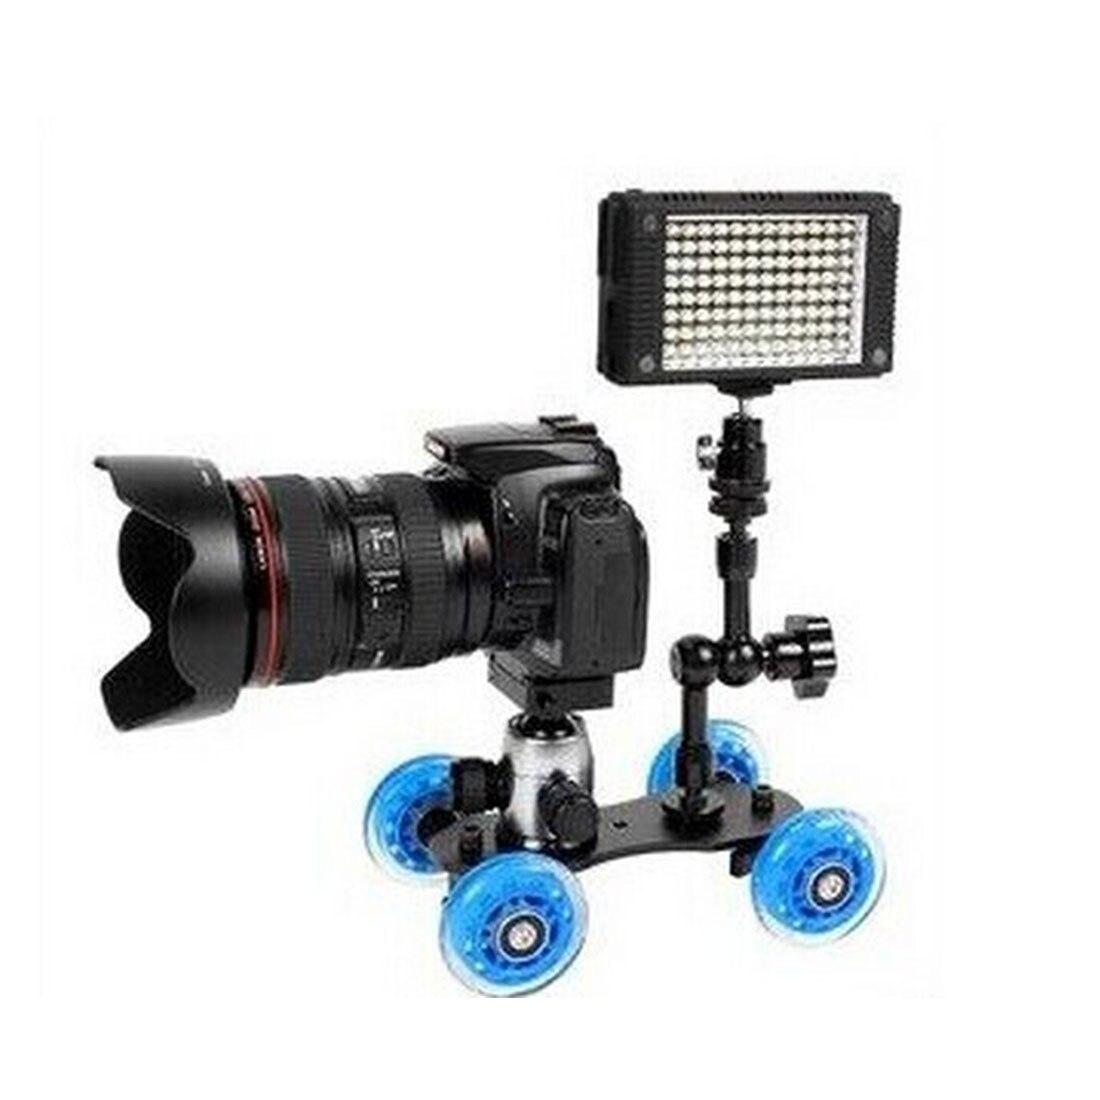 Centechia estabilizador steadicam de cuatro ruedas para cámara de vídeo DSLR para Canon Nikon Sony gopro héroe teléfono DSLR DV